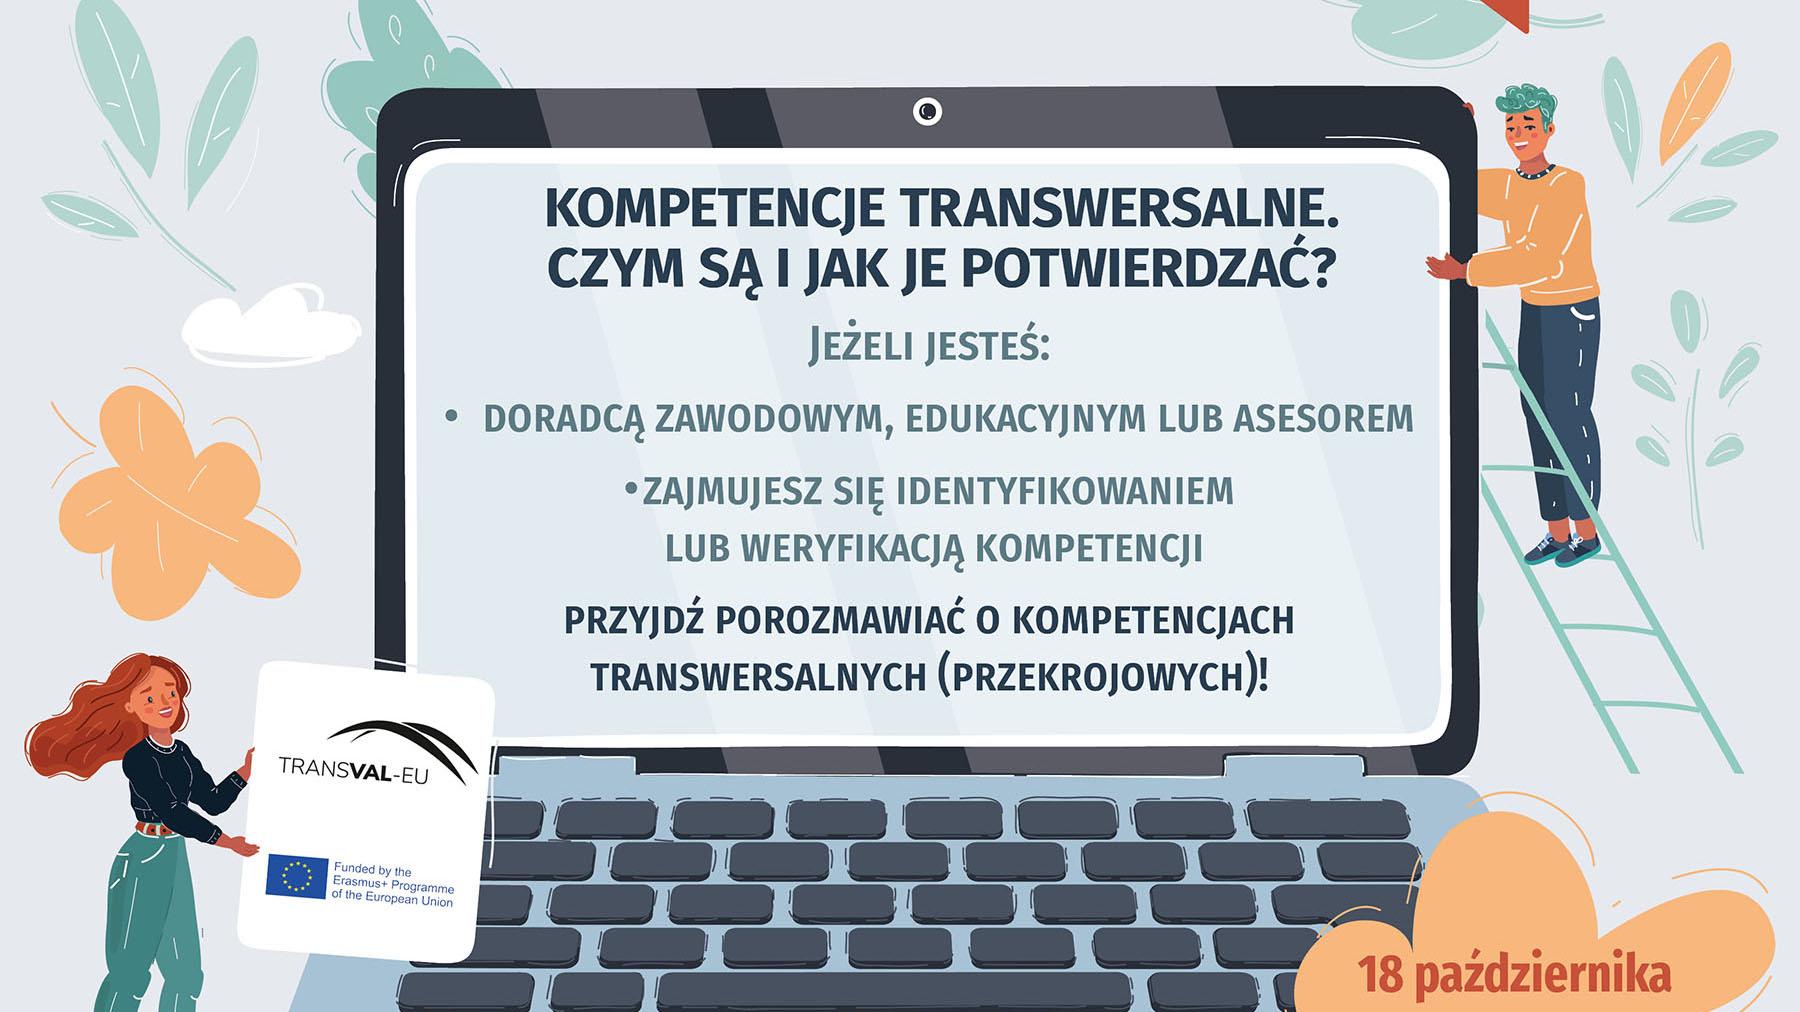 Weź udział w webinarze TRANSVAL-EU o kompetencjach transwersalnych!